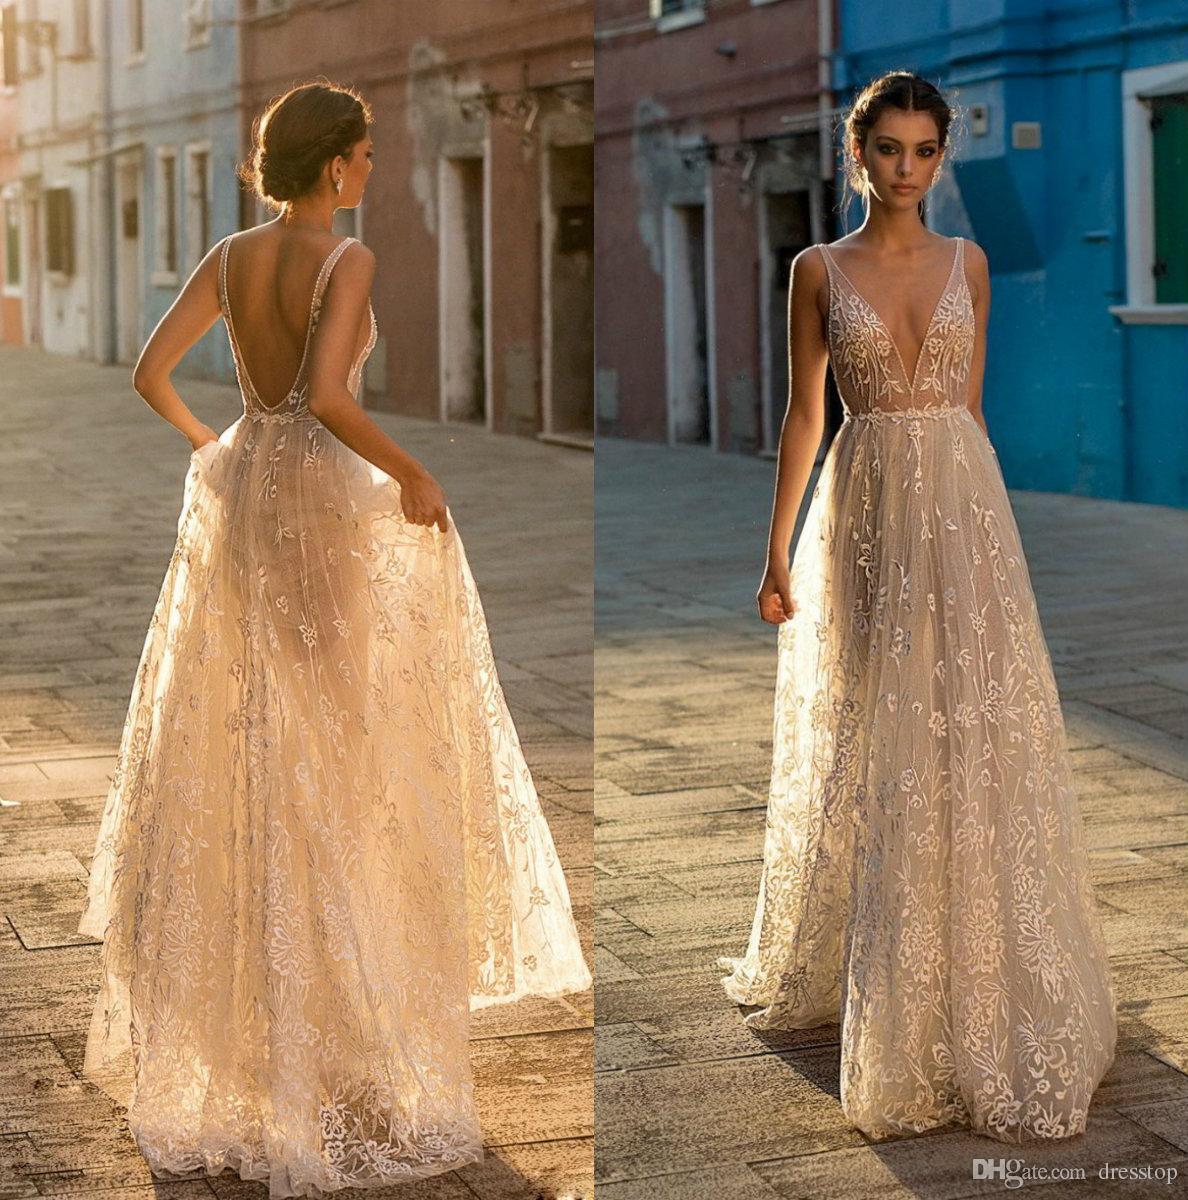 Discount Elegant Gali Karten Wedding Dresses V Neck Lace